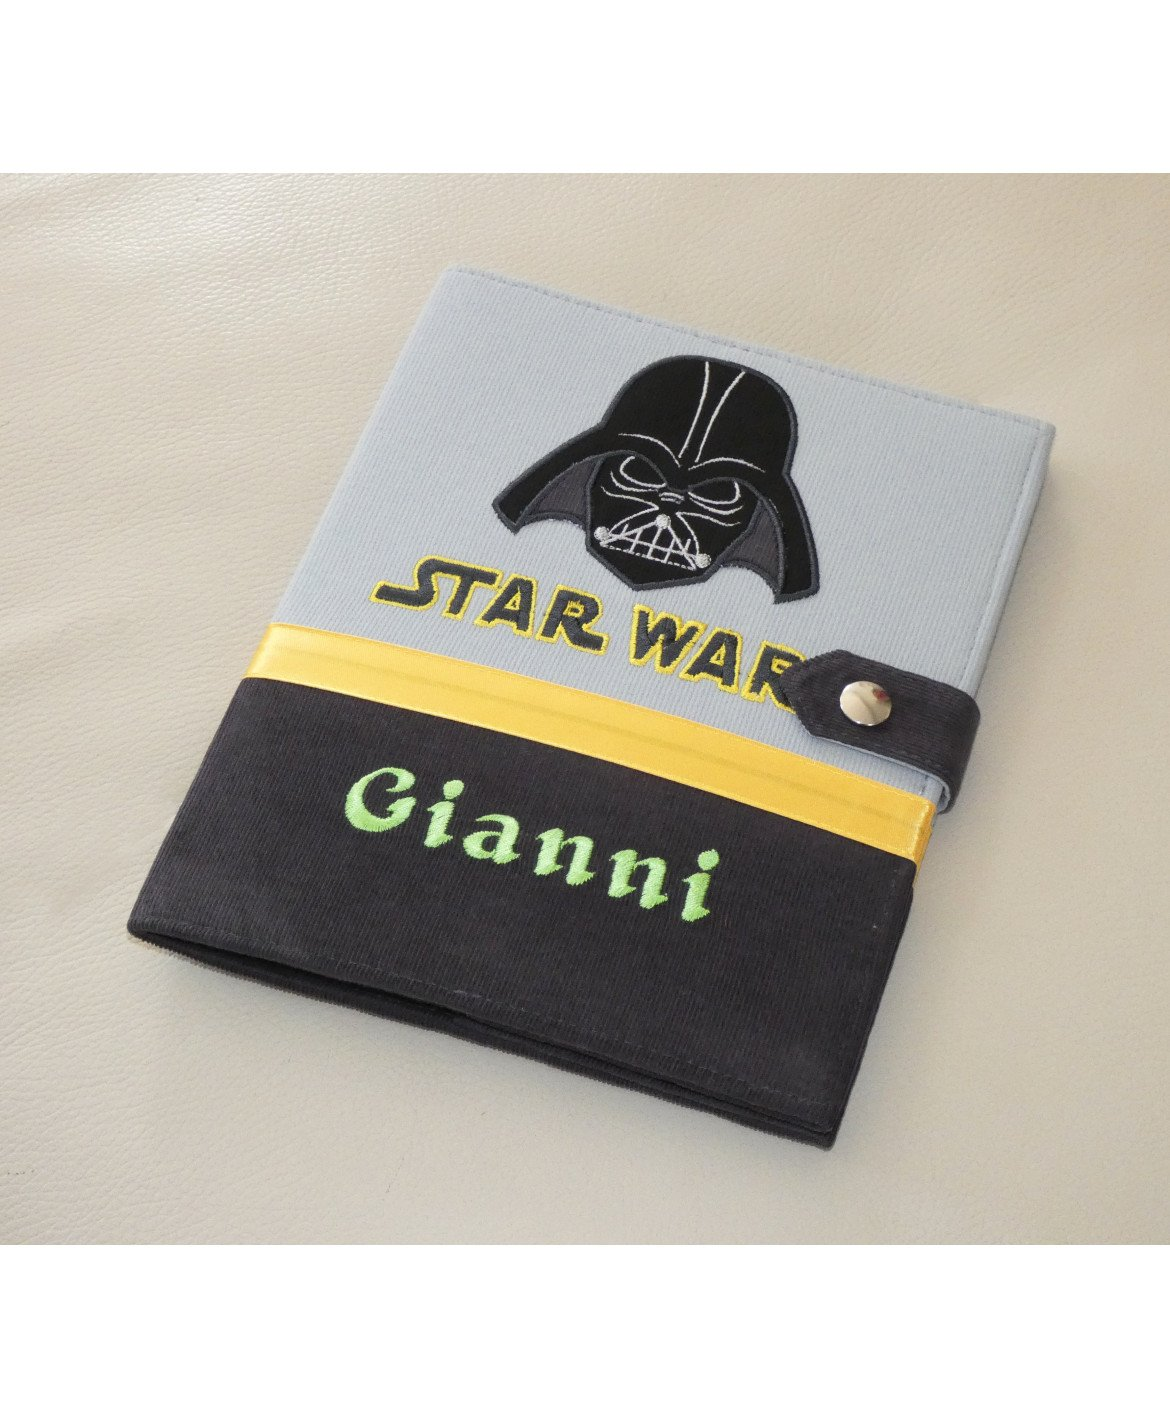 Protège carnet de santé Star Wars garçon rigide personnalisé gris - Cadeau de naissance personnalisé